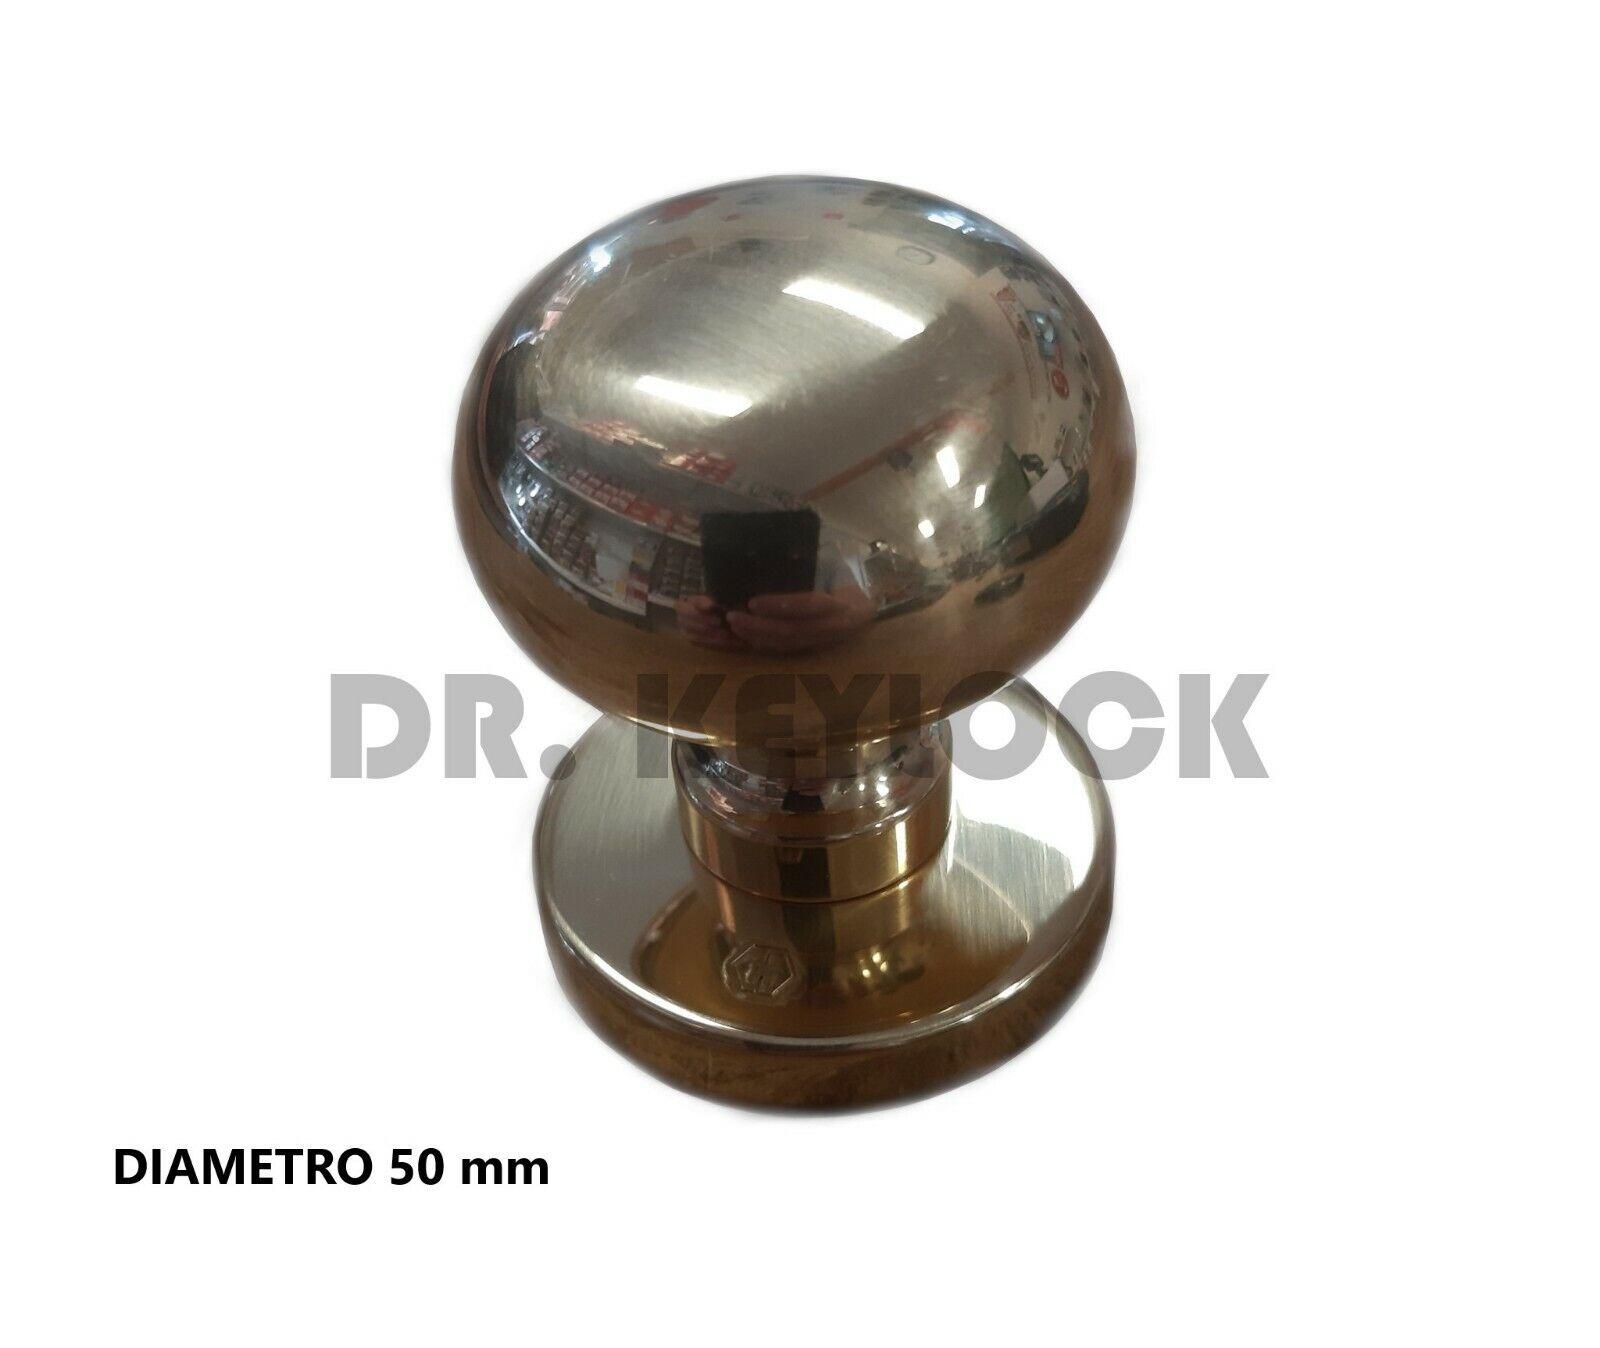 Pomello pomolo x mobili armadi cassetti misura ø 50mm in metallo latta verniciat